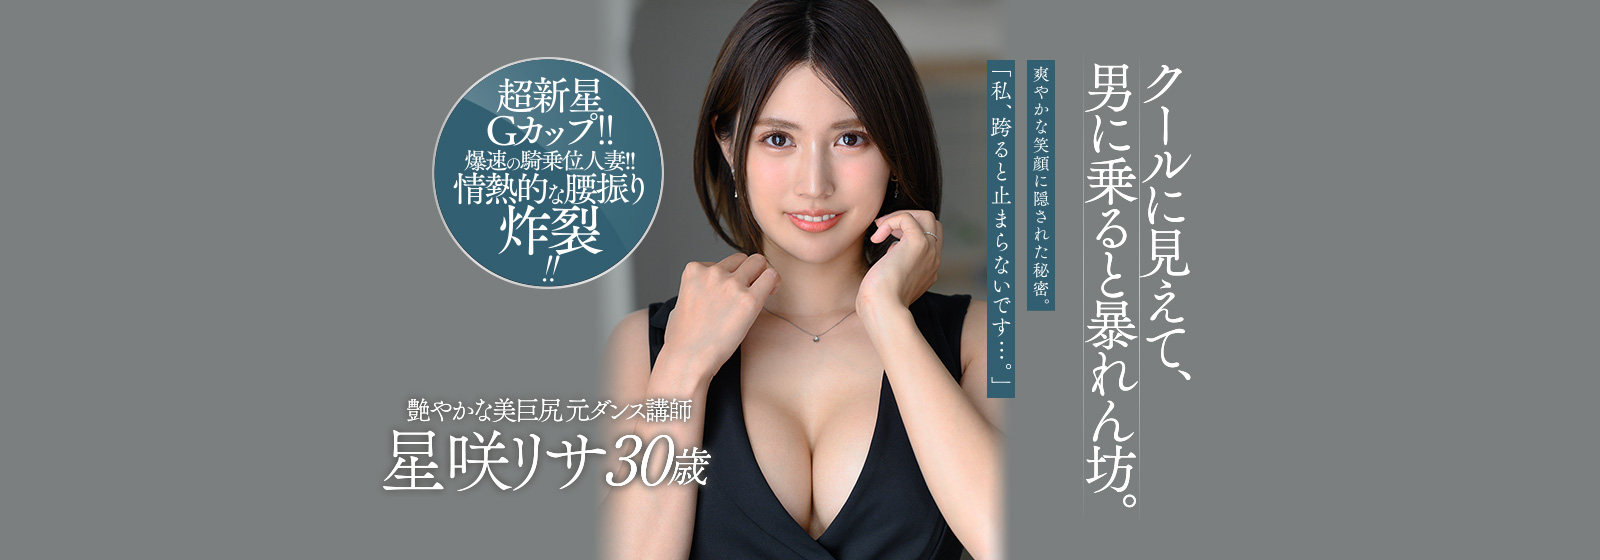 星咲リサ トップ画像